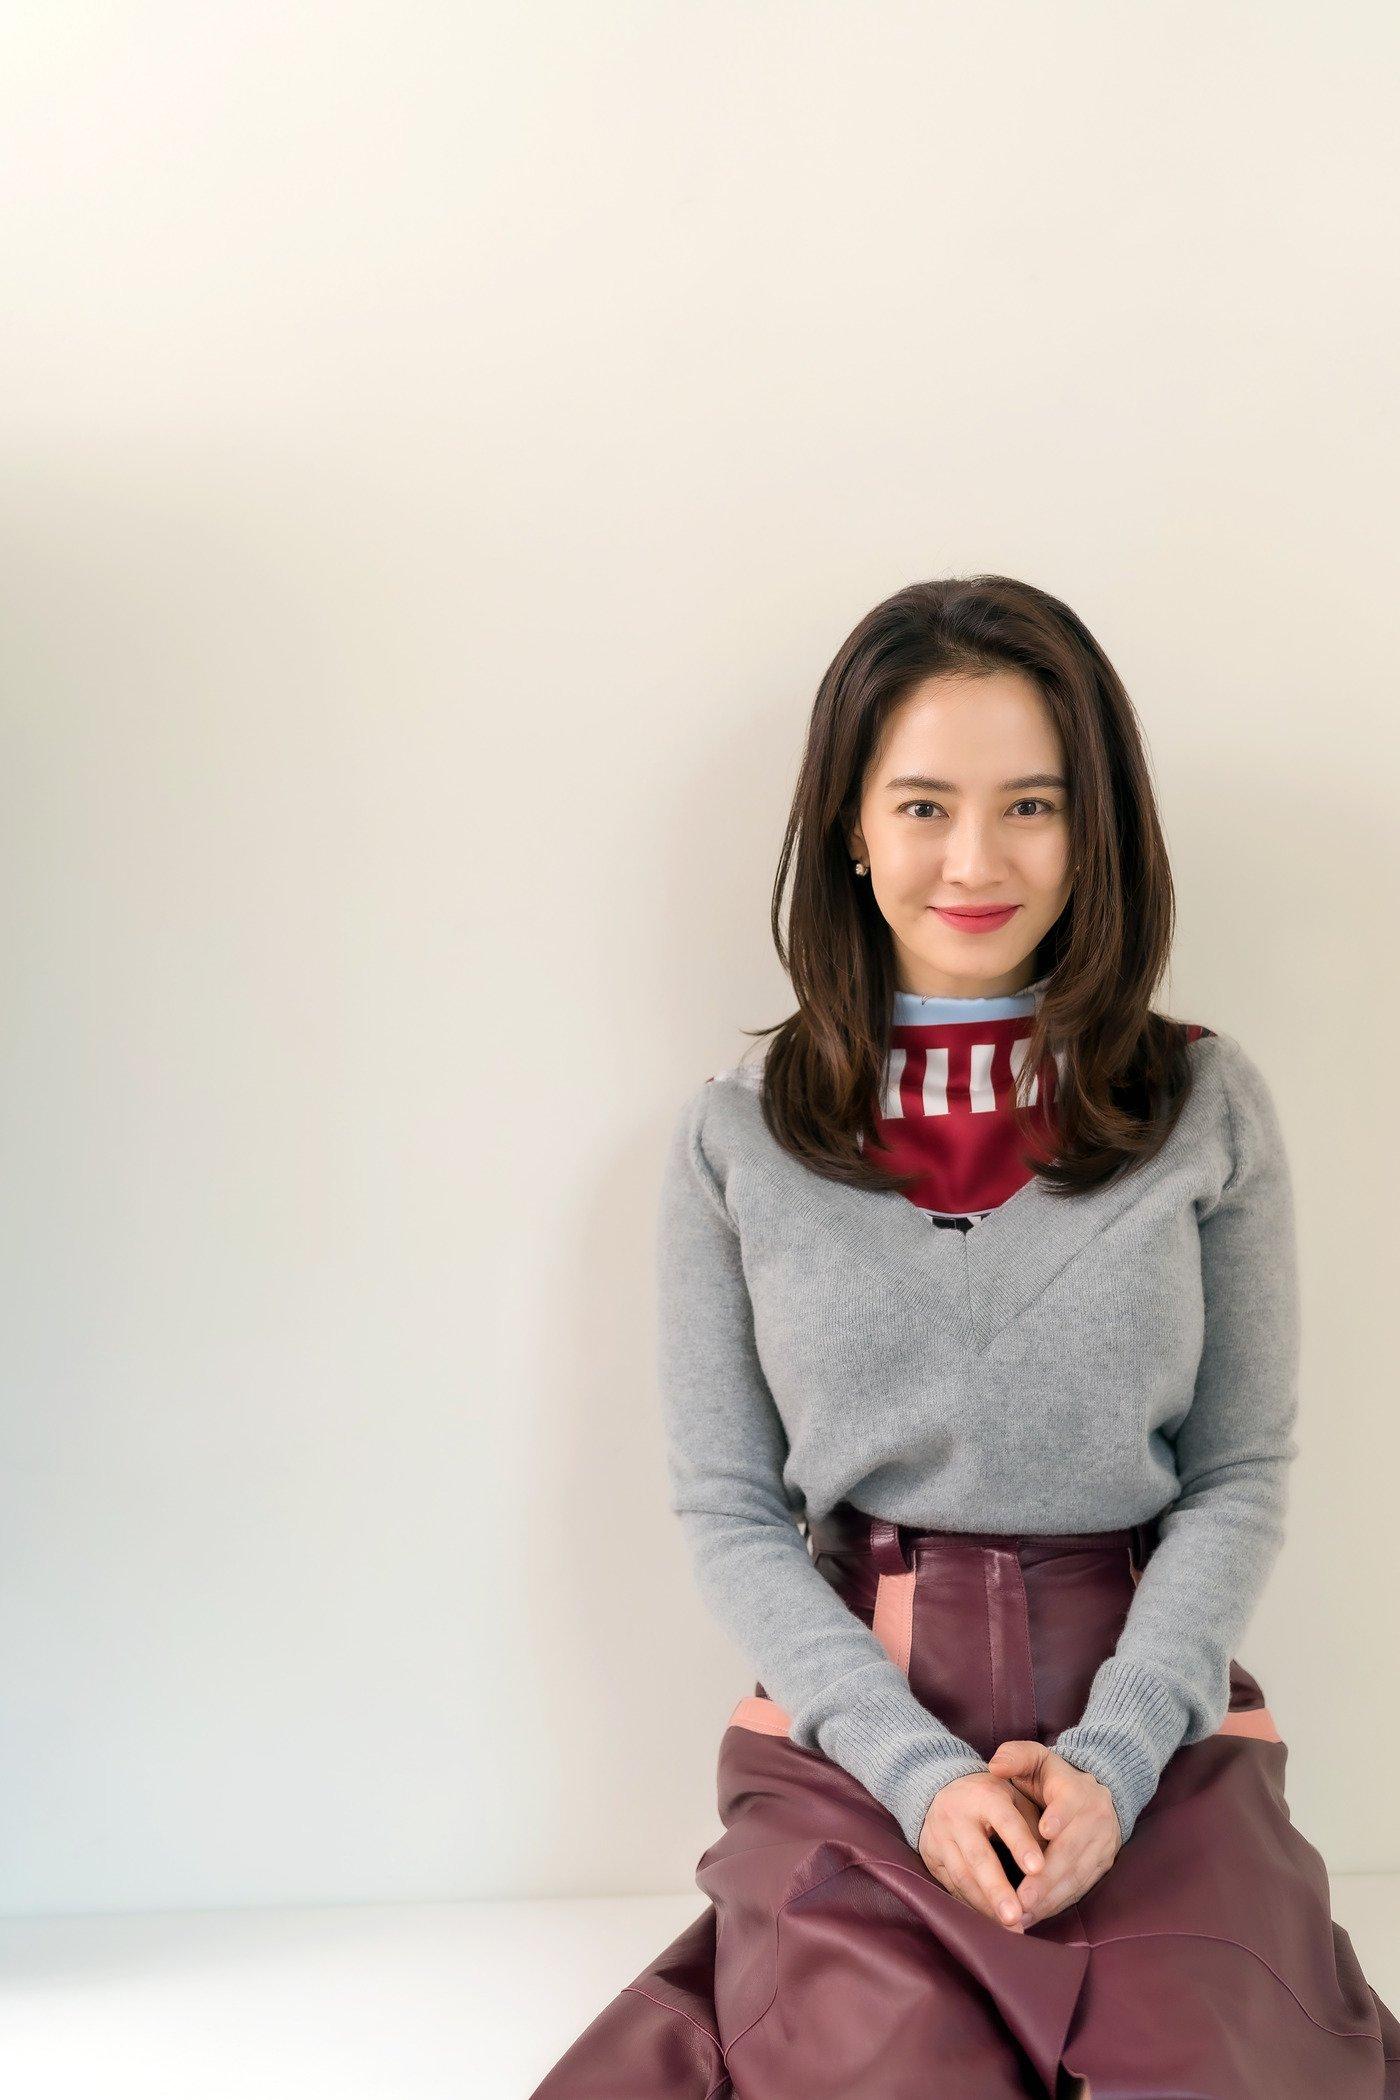 kim ji a gagné sa perte de poids repas.préparation pour perdre la graisse du ventre